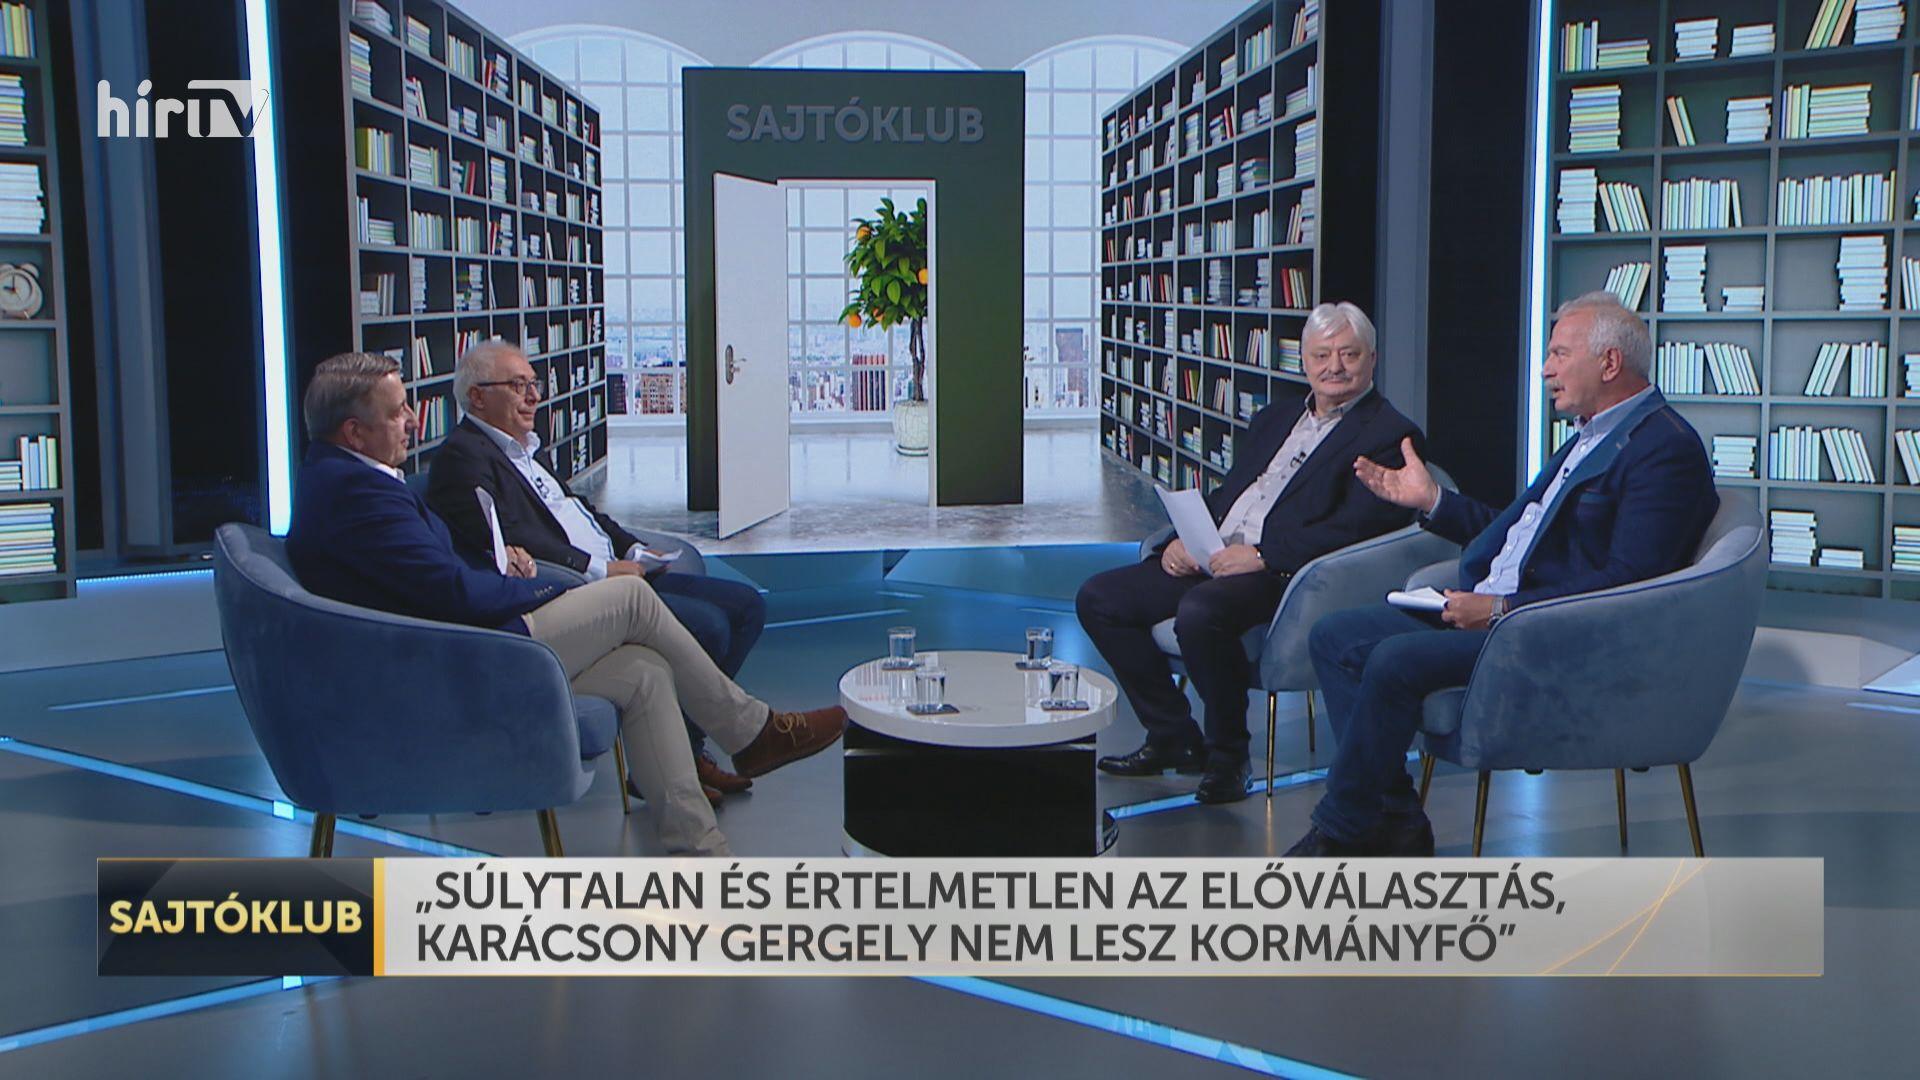 Sajtóklub: Súlytalan, értelmetlen az előválasztás, Karácsony Gergely nem lesz kormányfő